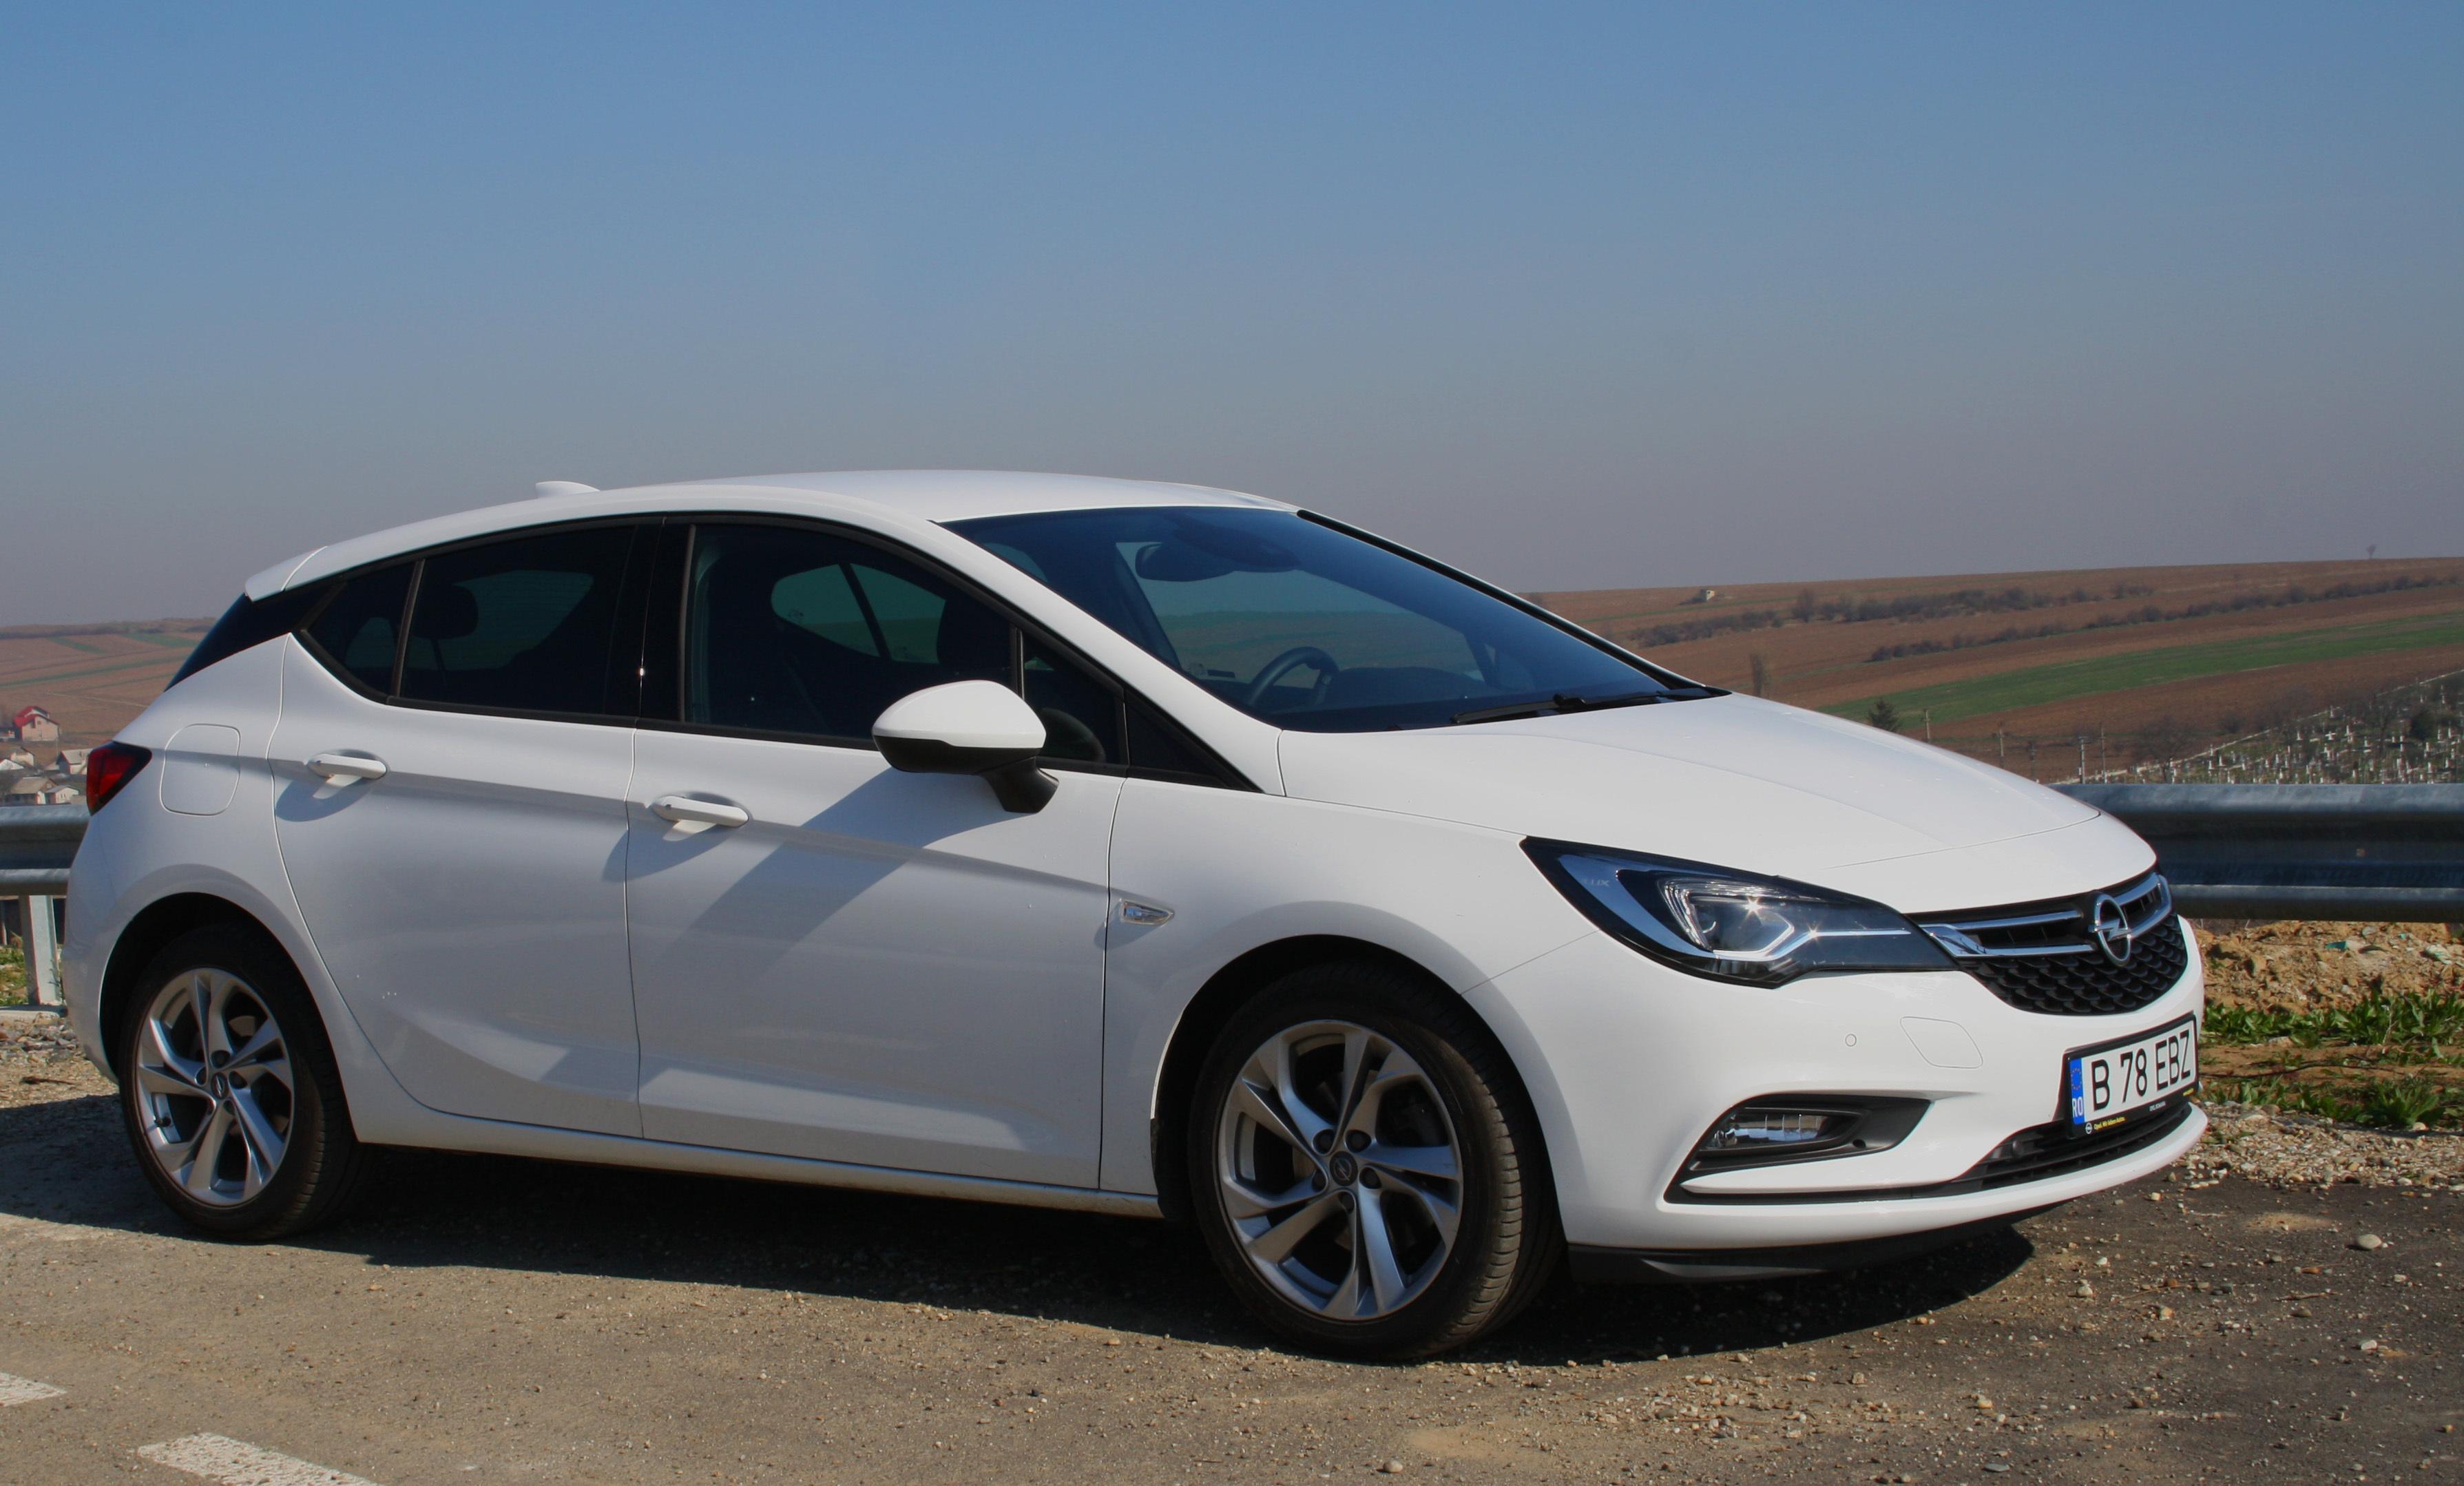 Opel la teste opel zafira a ie it la teste foto opel australia secures latest astra for - Garage renault noisy le grand ...